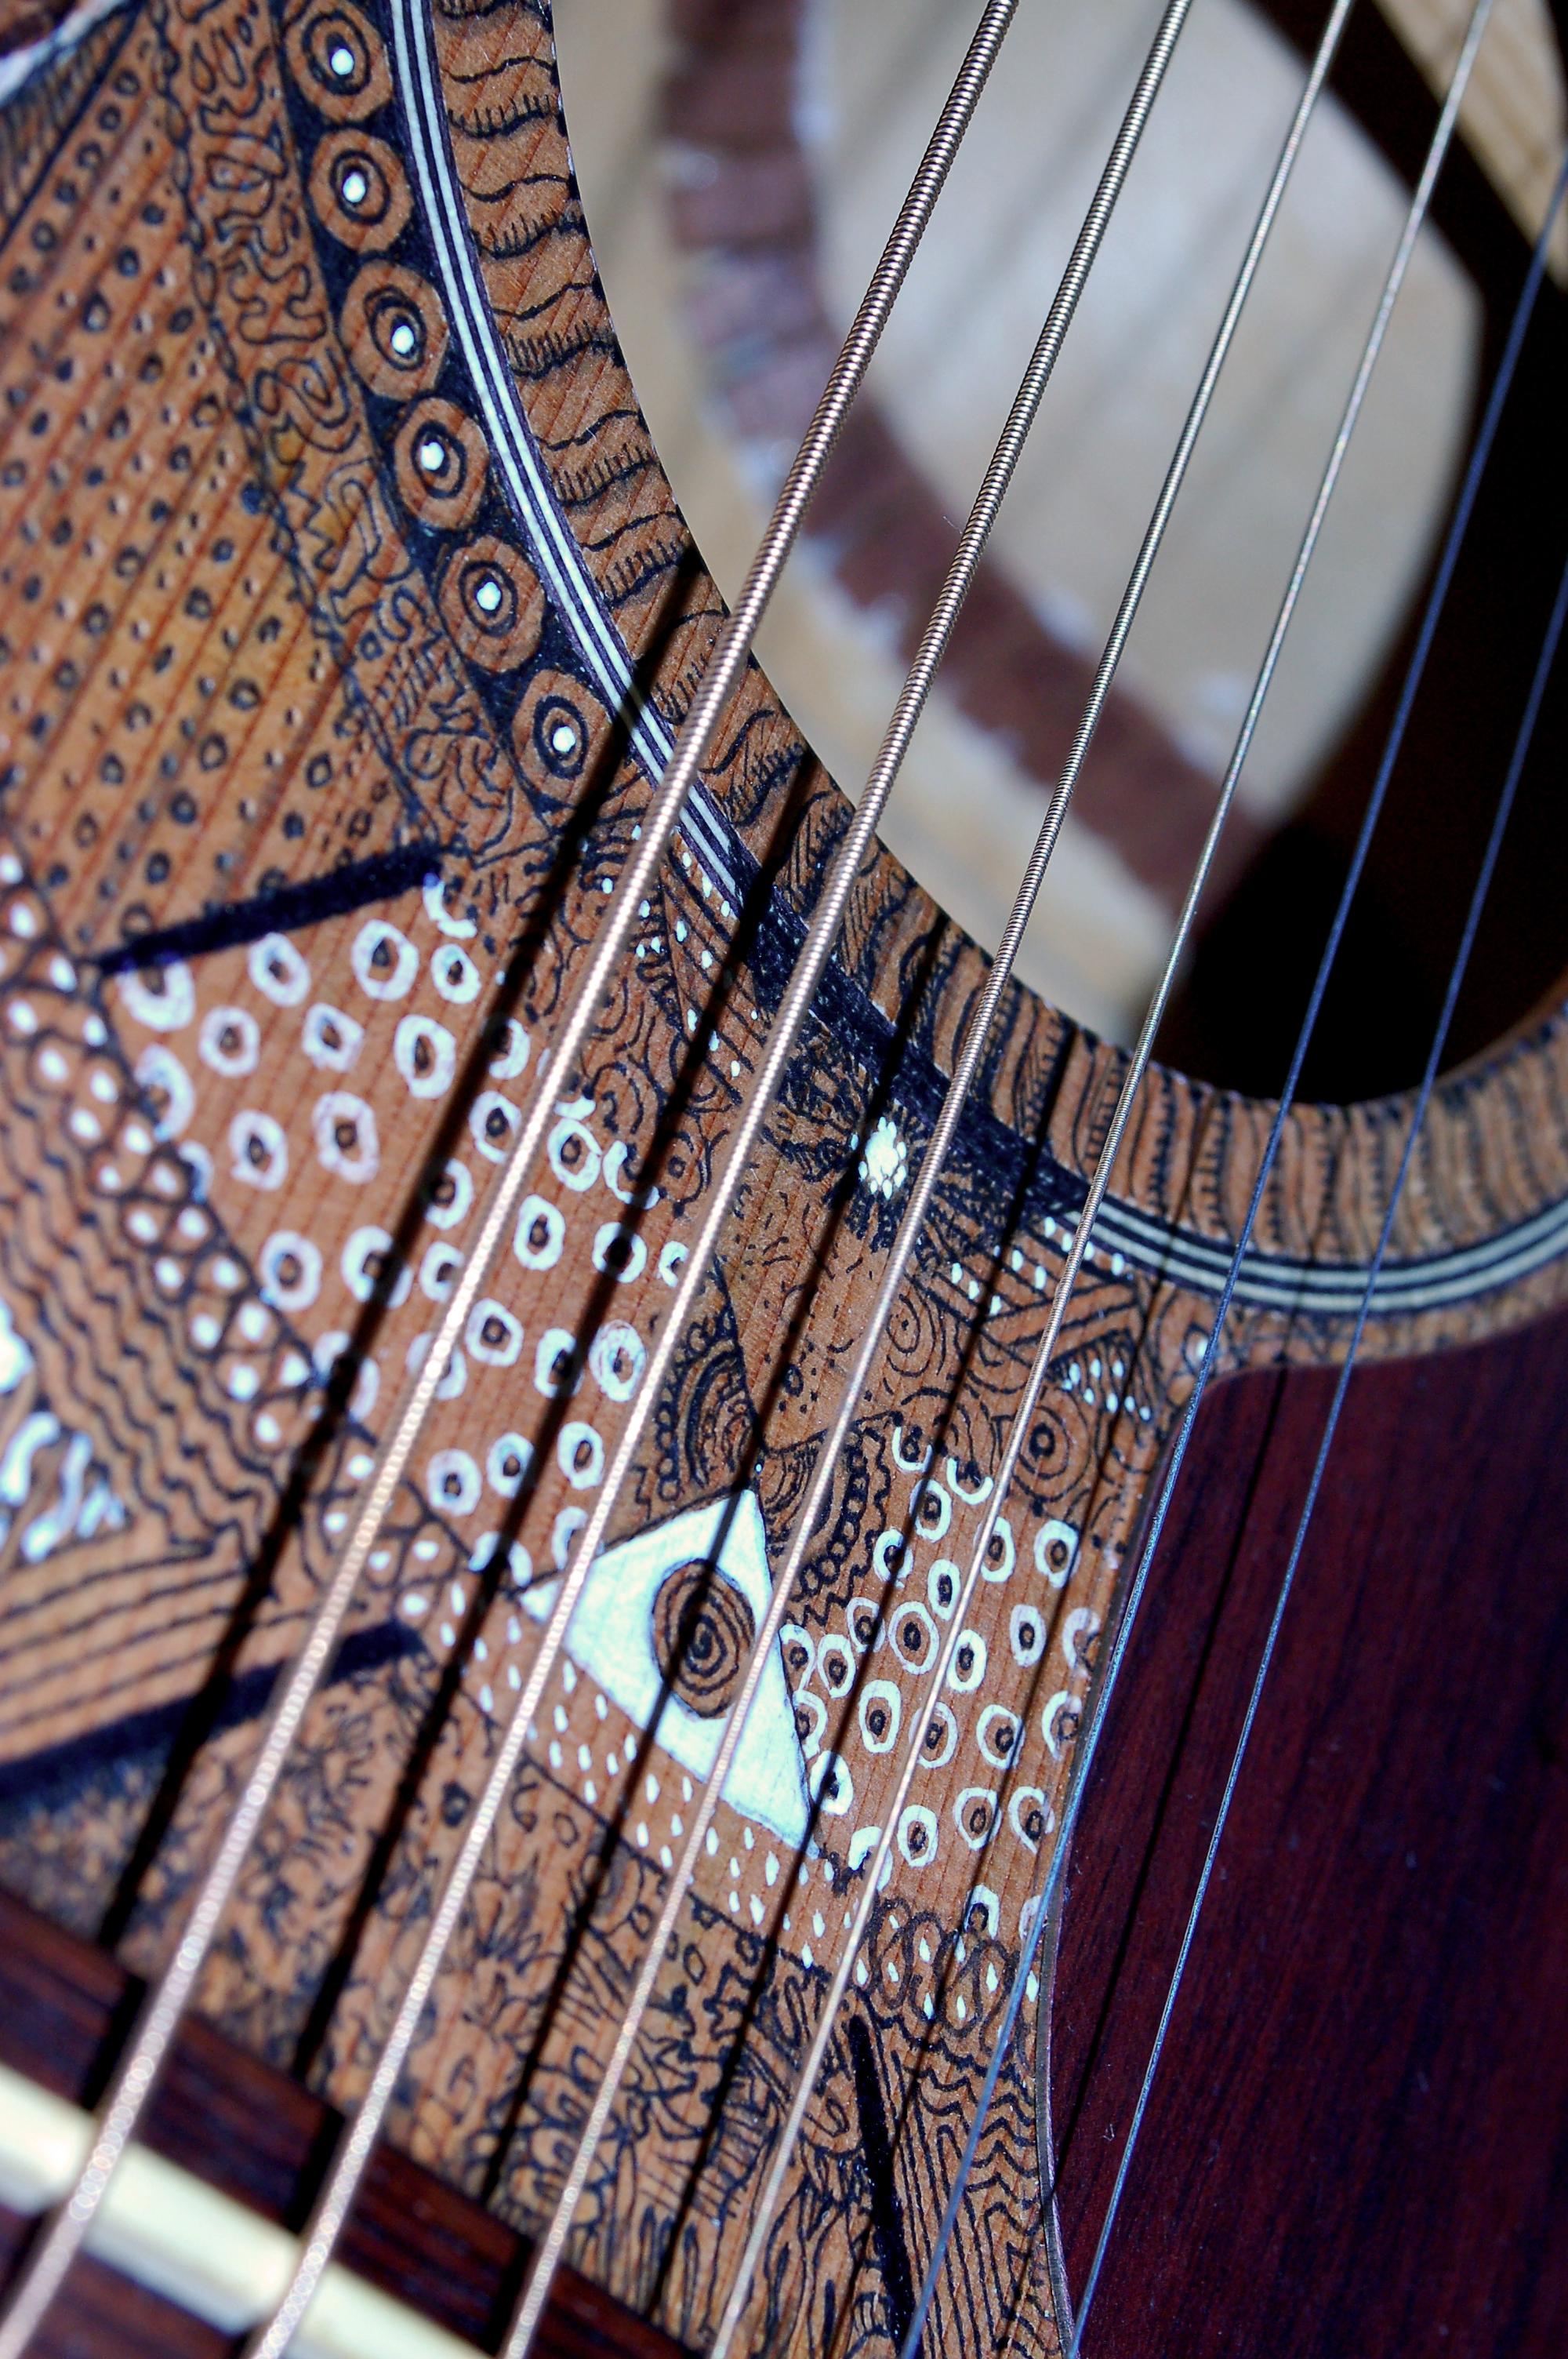 rons-guitar-detail3.jpg